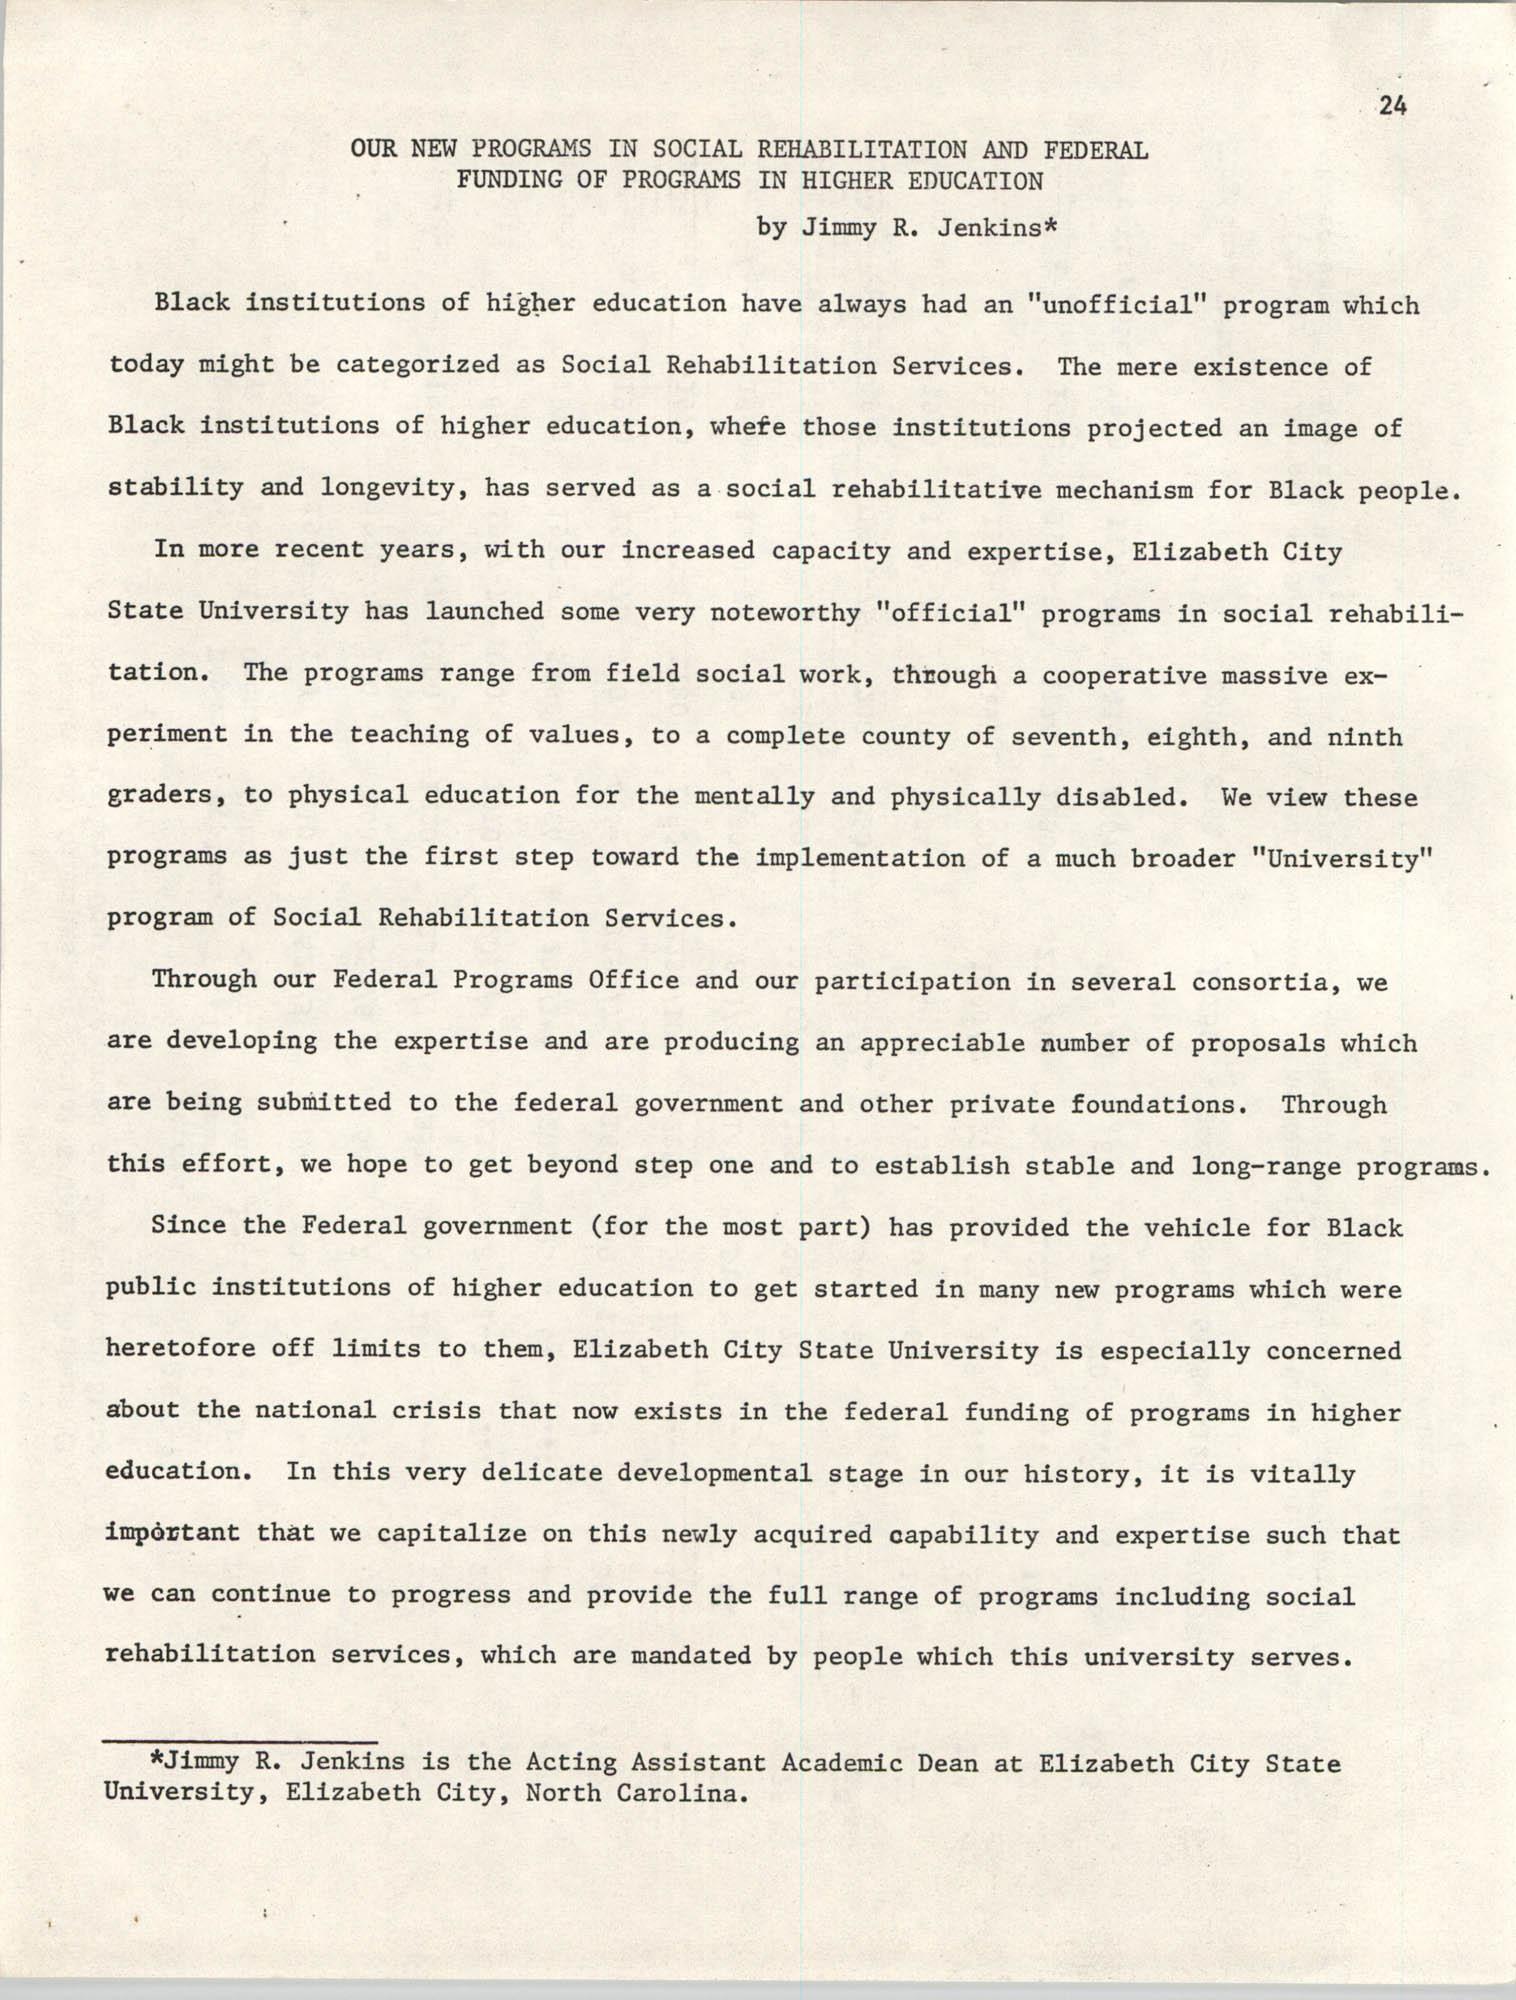 SHARE, Volume I, Number 8, April 1973, Page 24